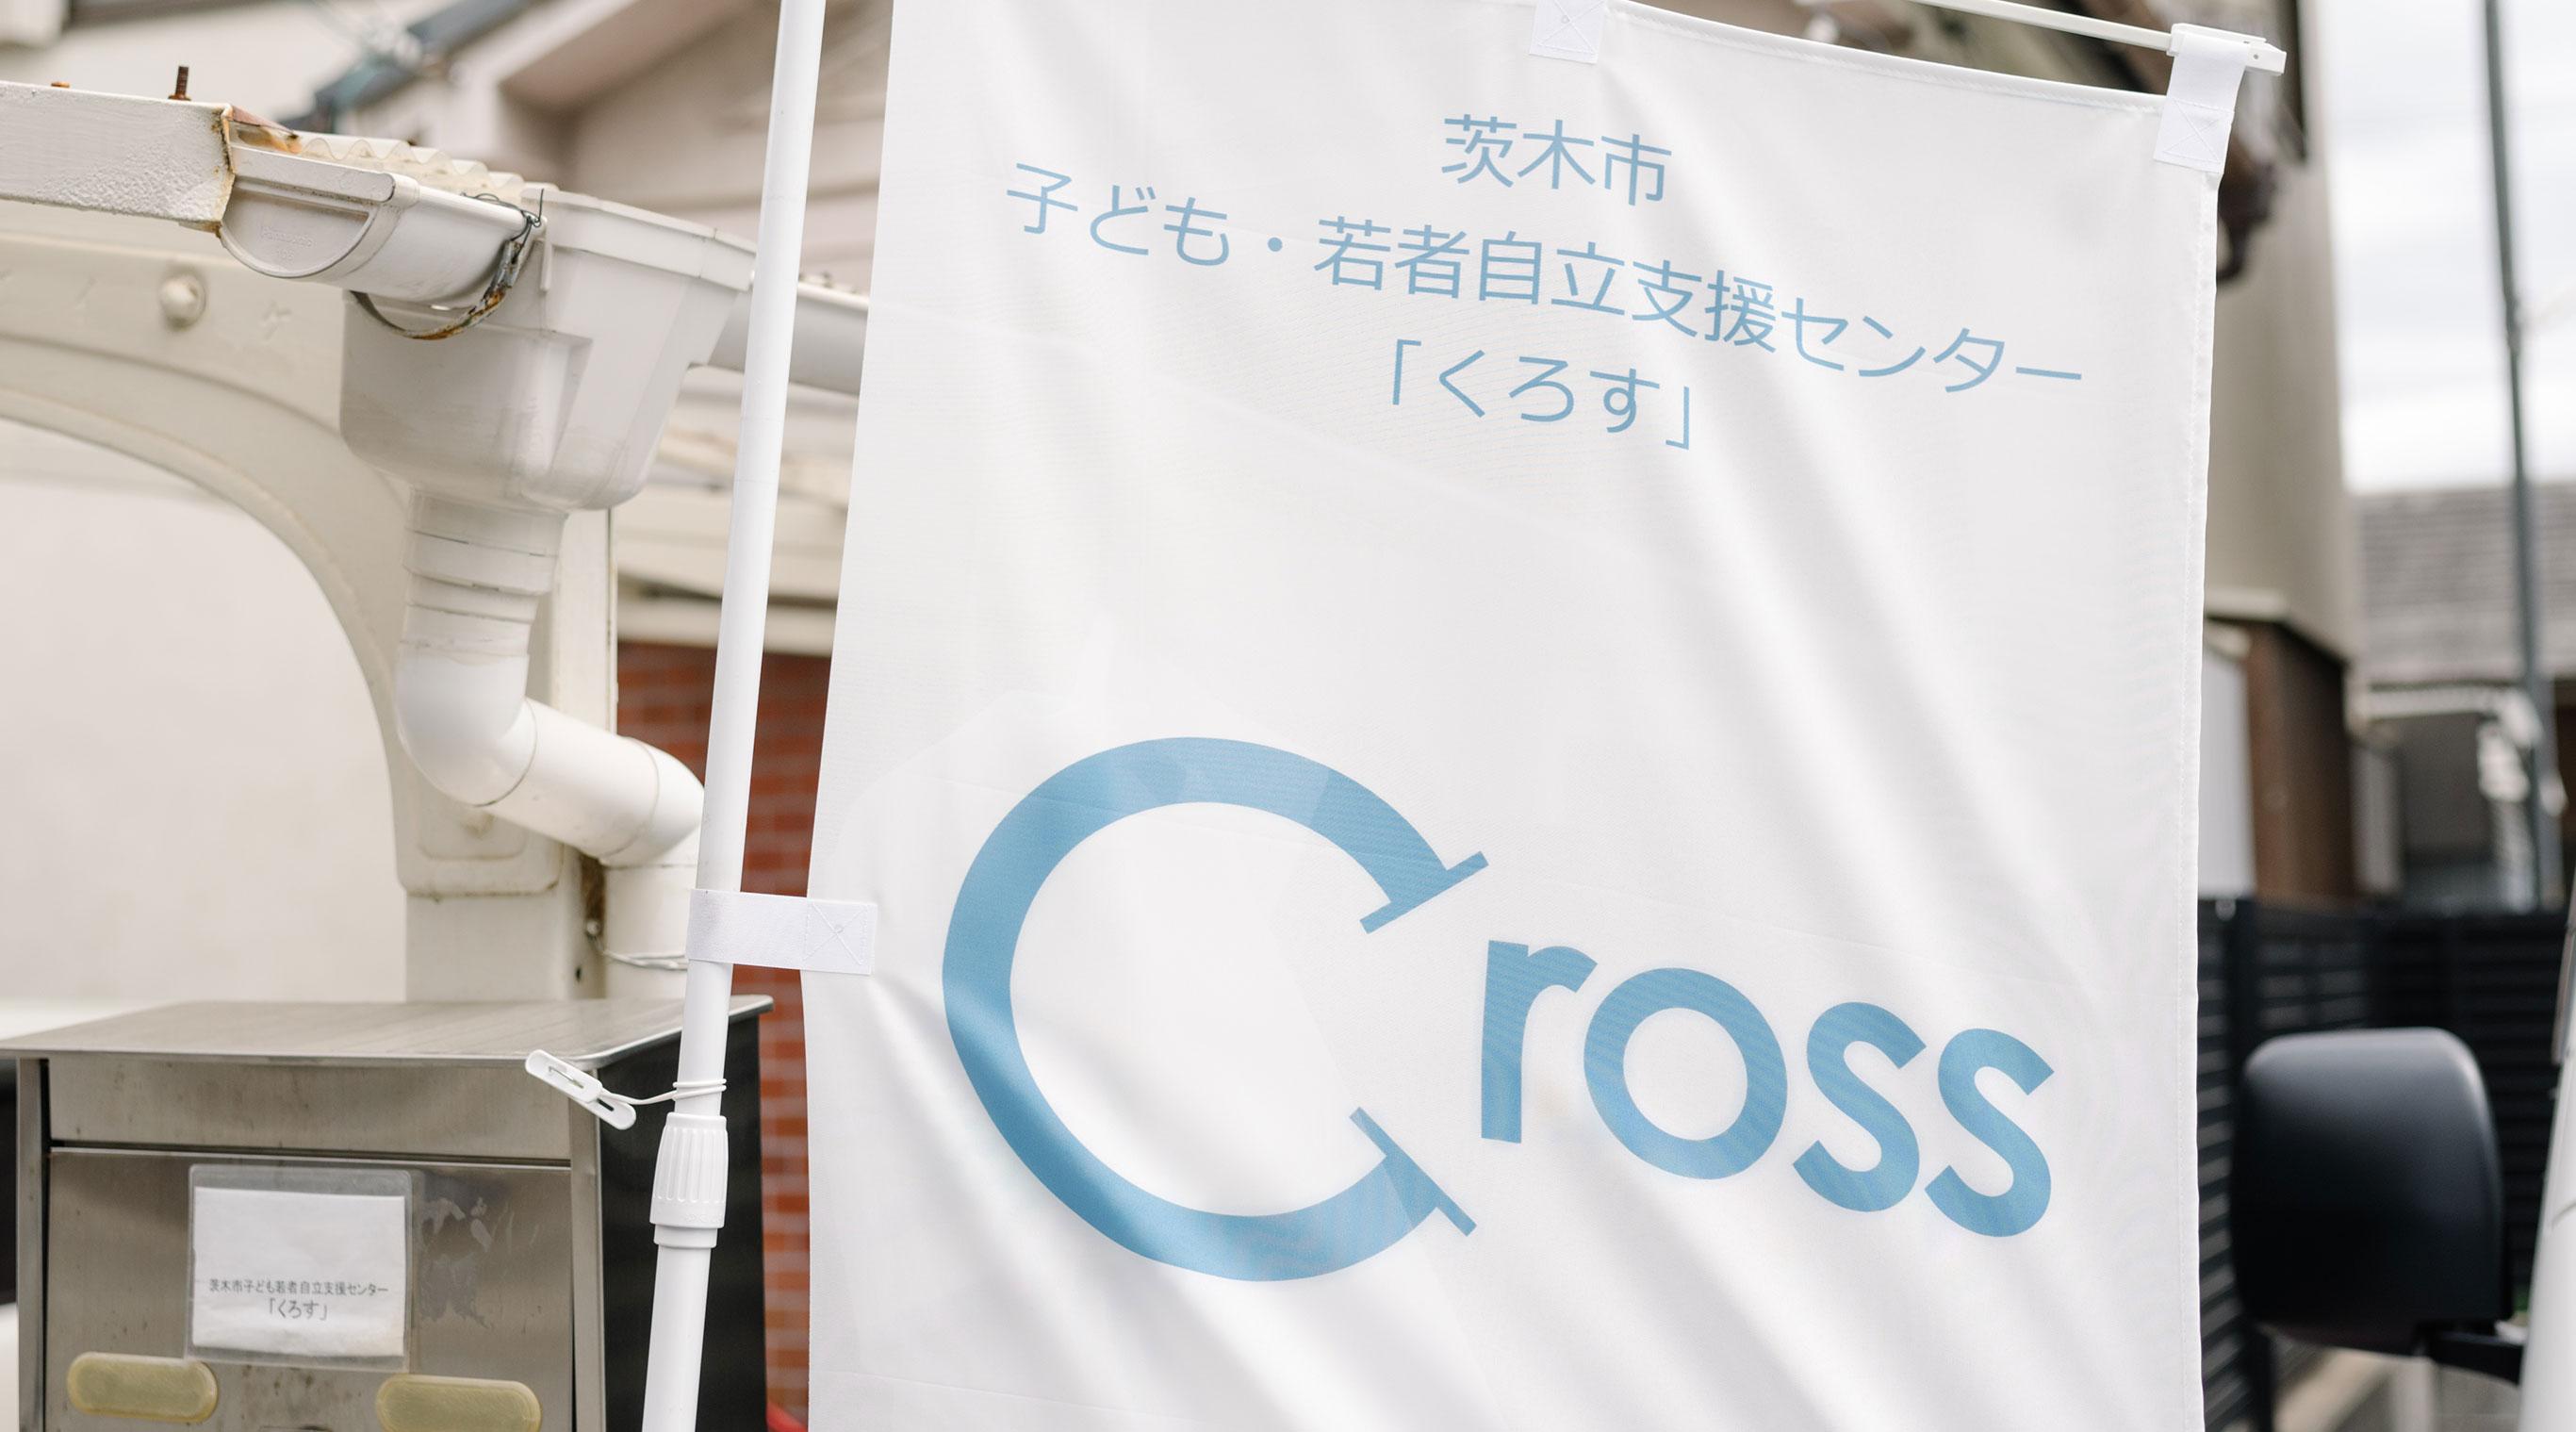 茨木市子ども・若者自立支援センター「くろす」